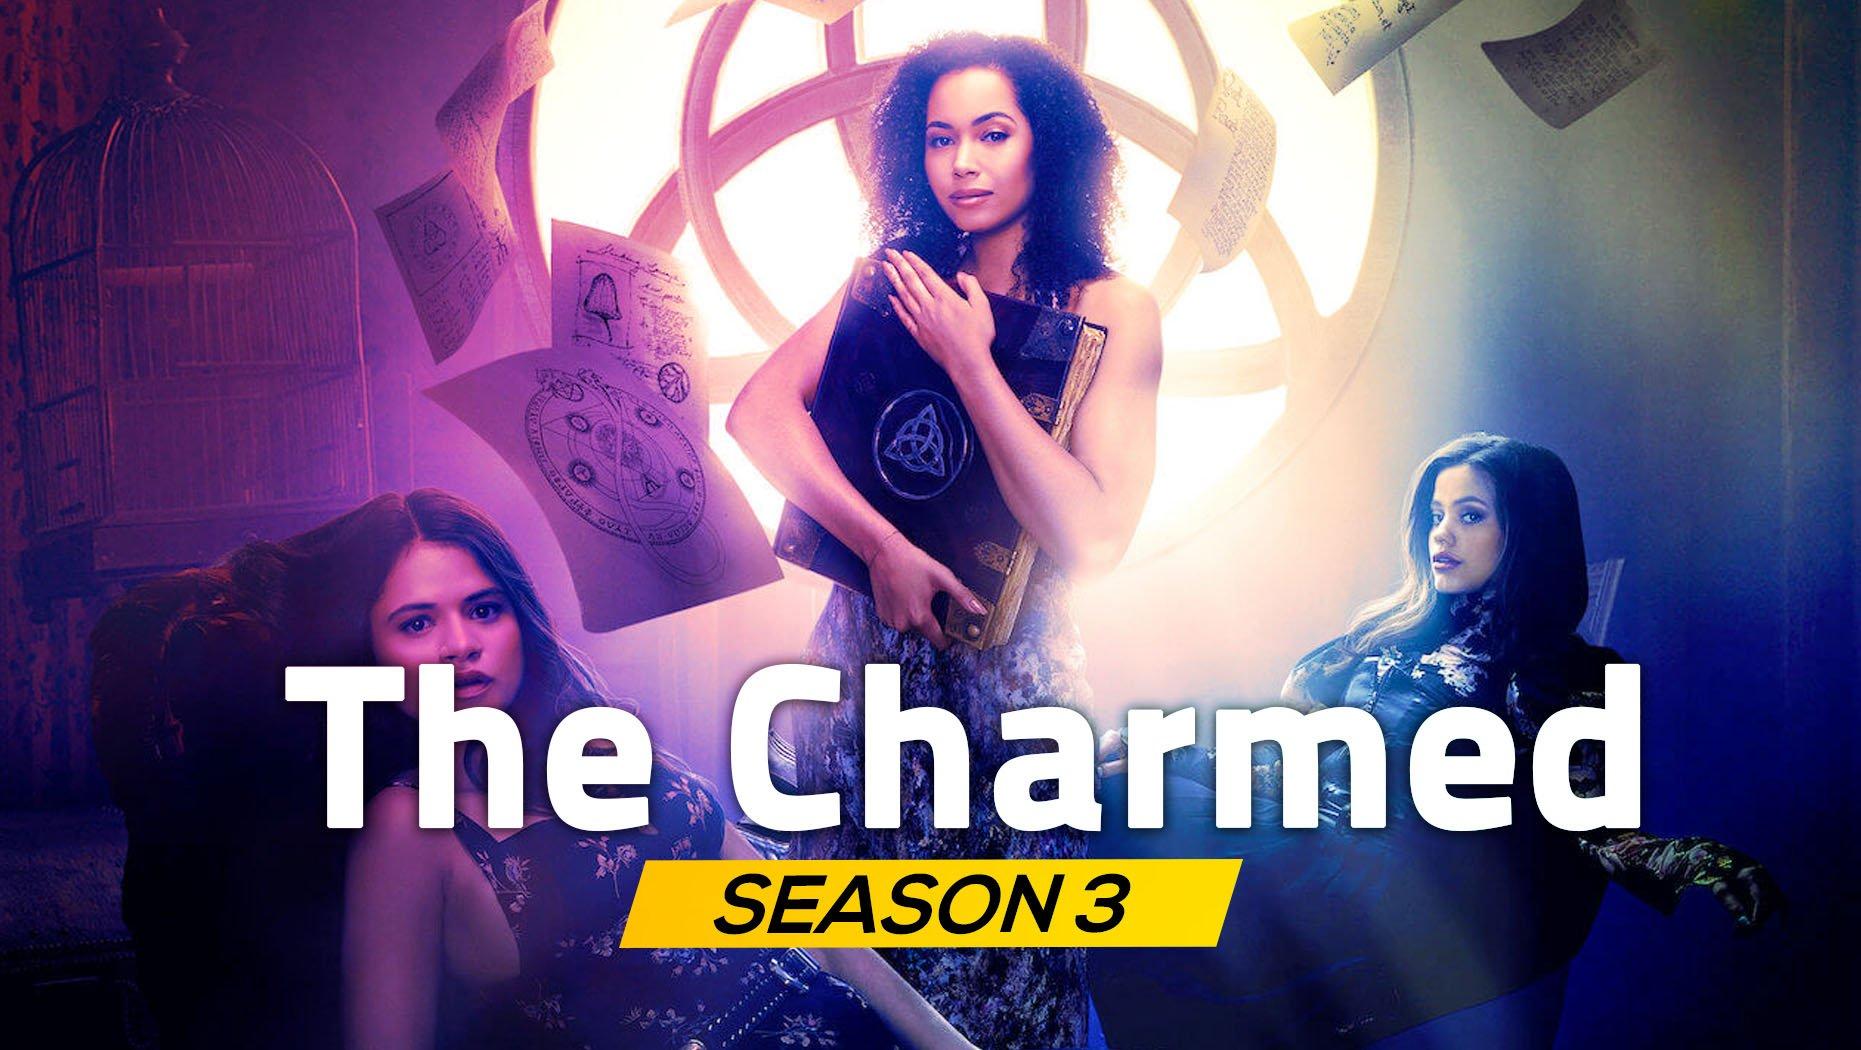 Charmed Season 3 Finale Episode 18 Release Date, Spoilers, Watch Online